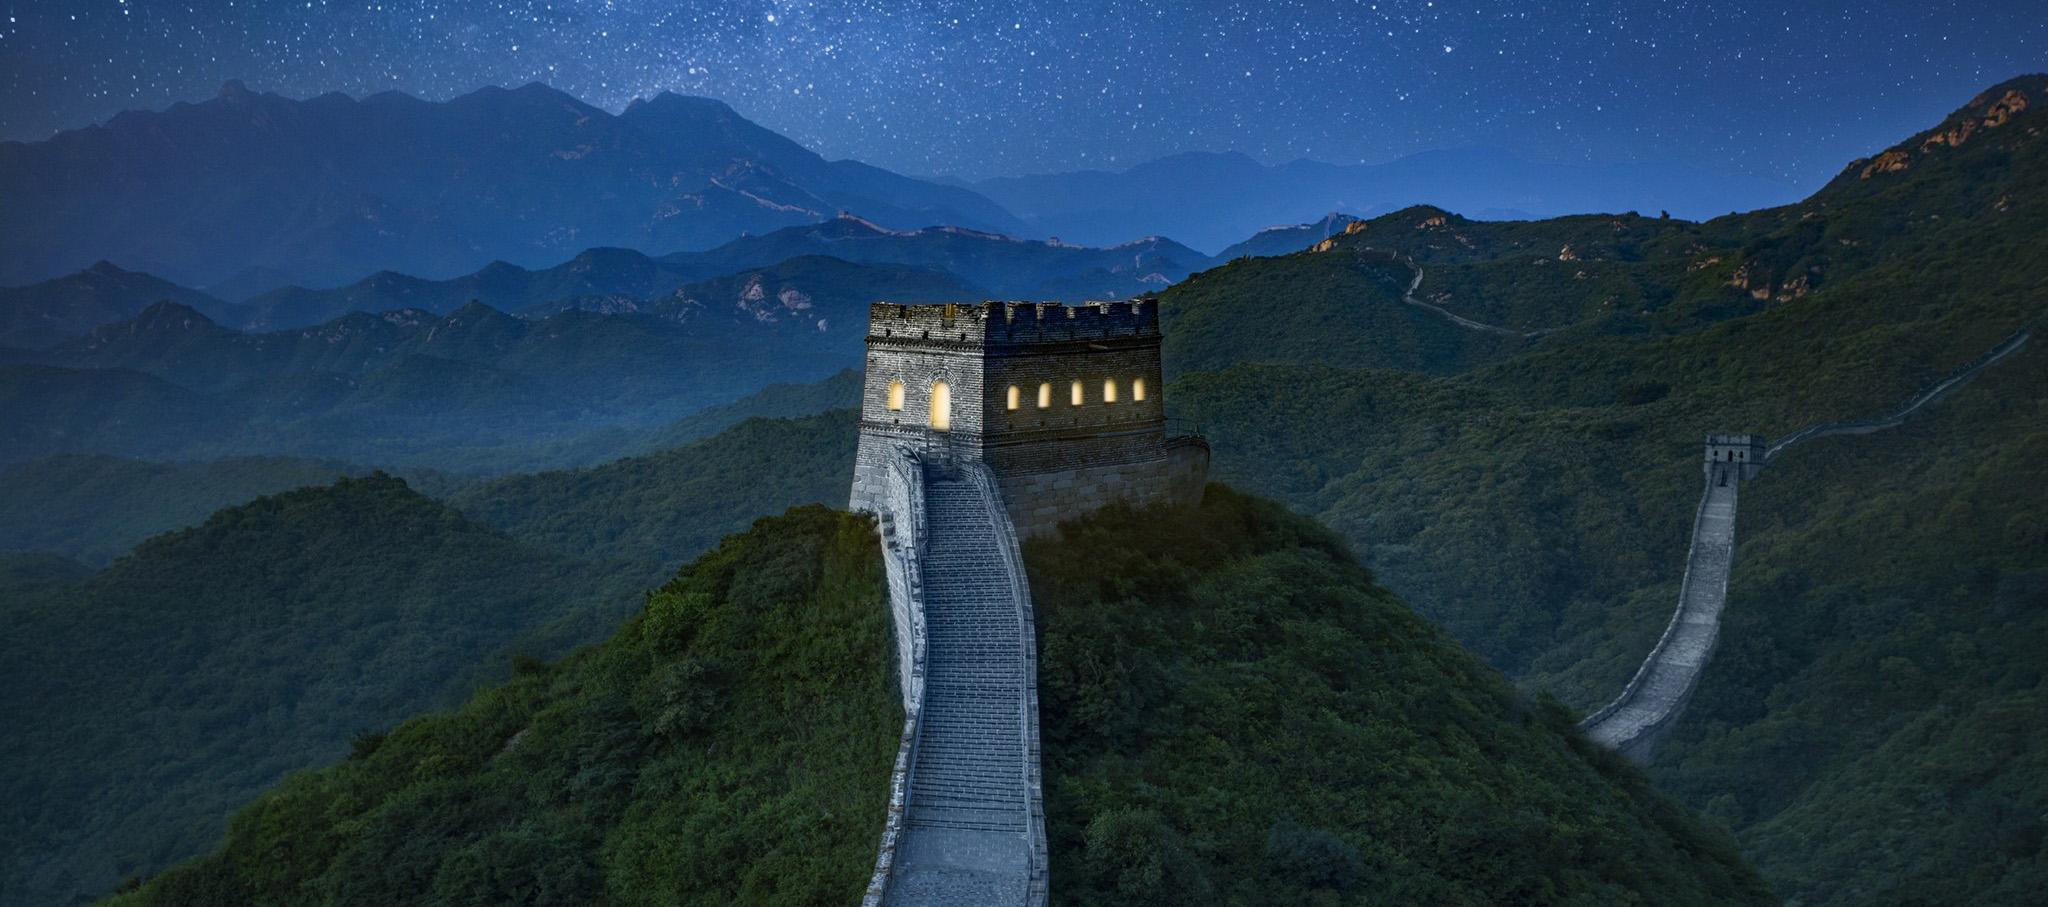 Pase una noche en la Gran Muralla de China, gracias a Airbnb. Imagen cortesía de Airbnb